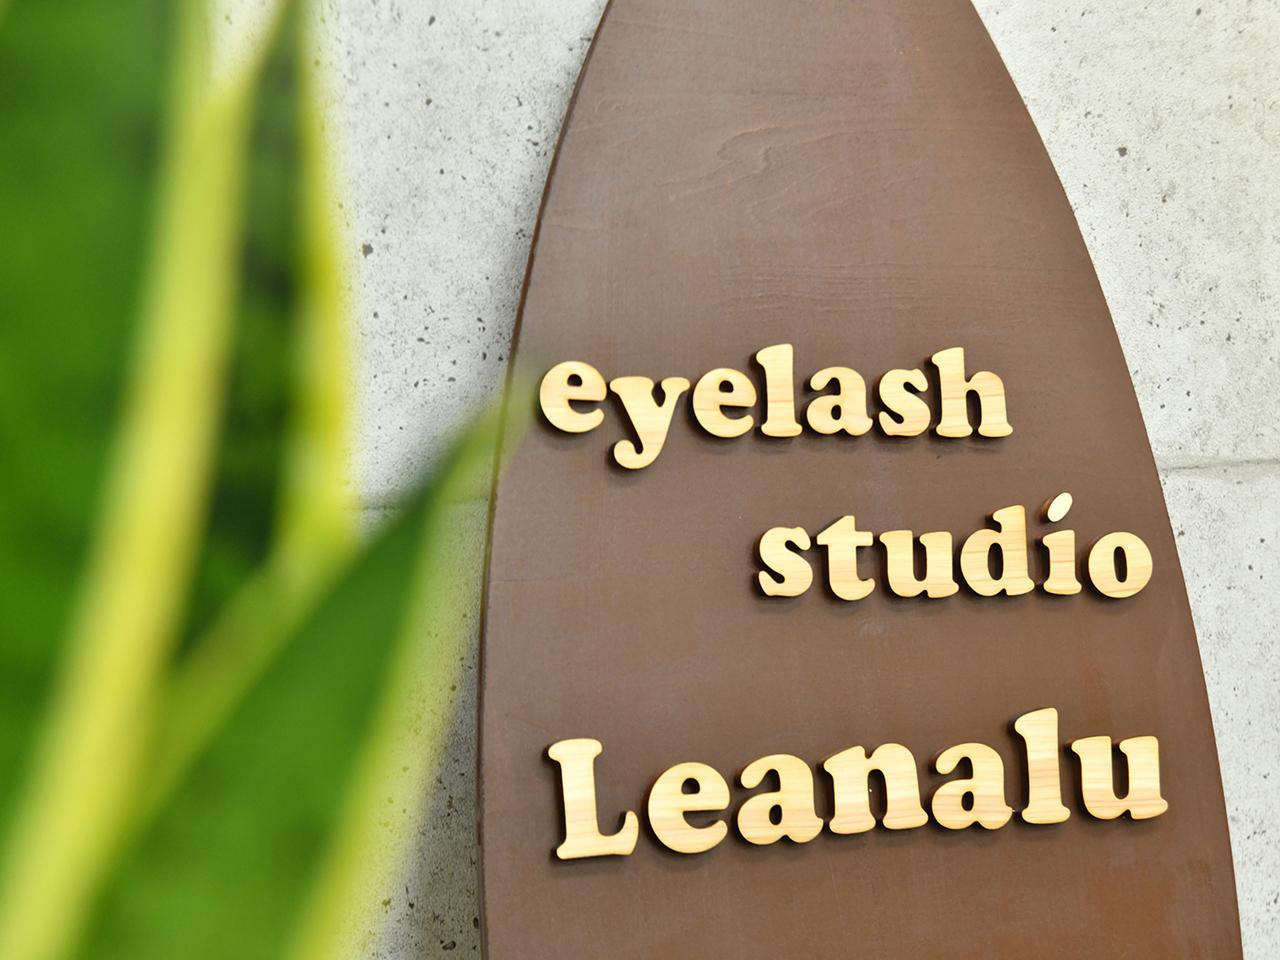 Leanalu横浜店(レアナル横浜店)